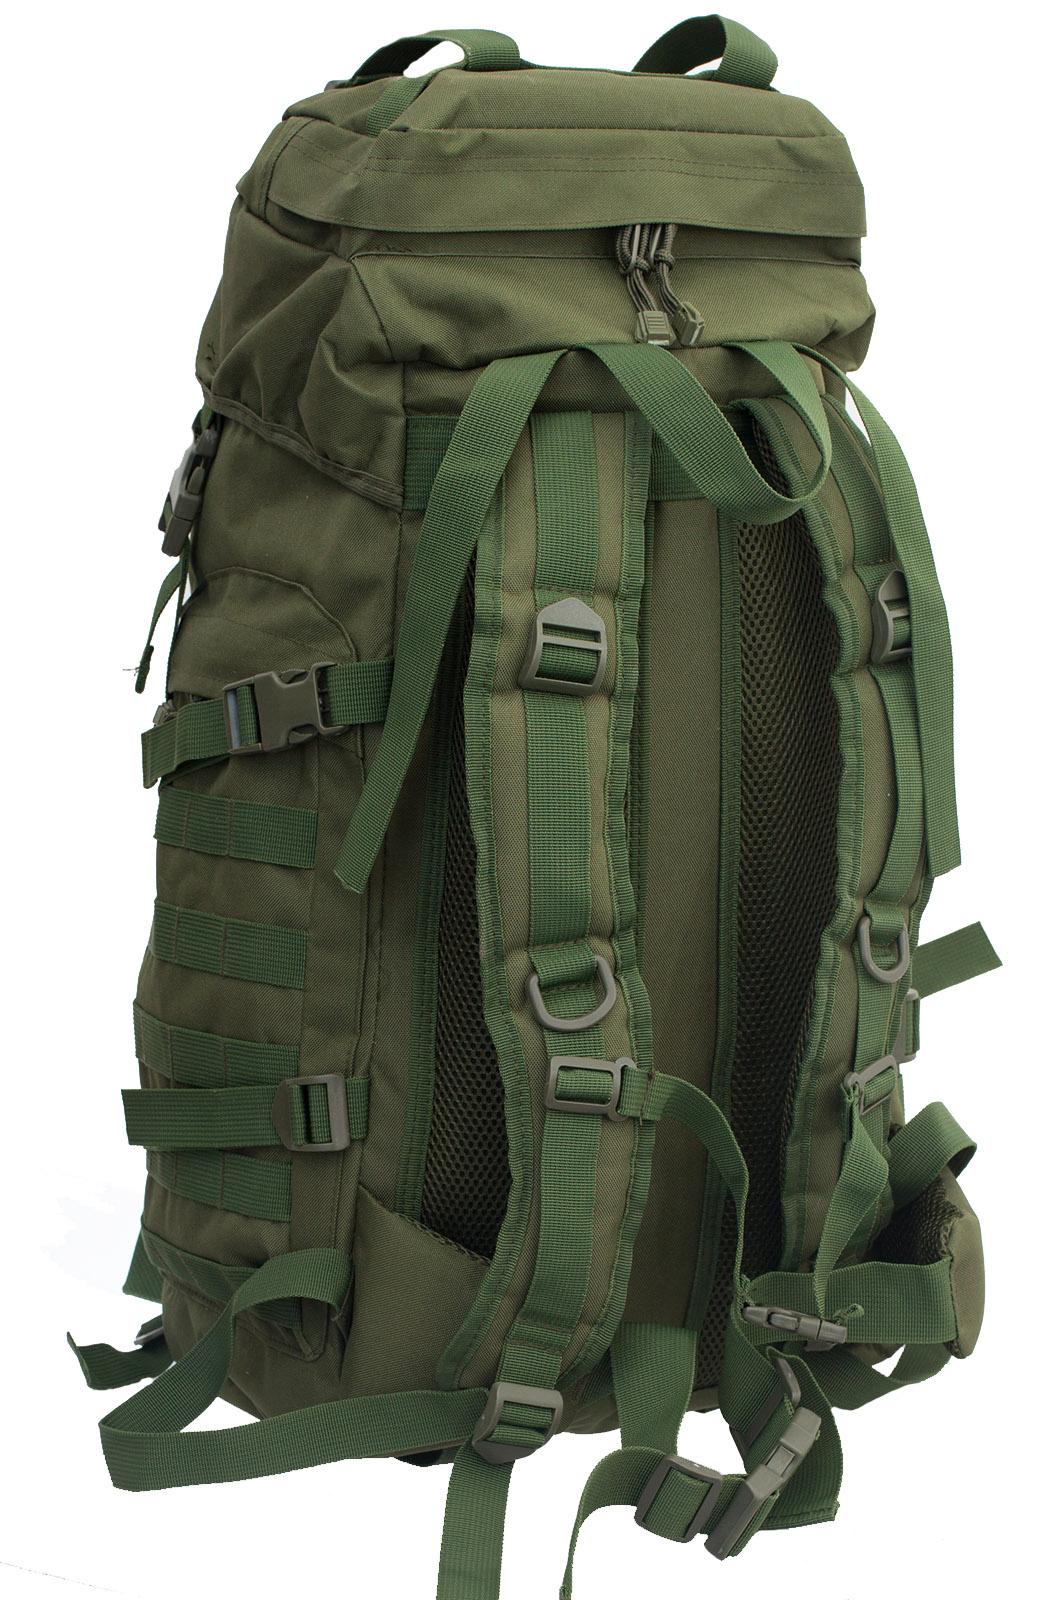 Функциональный штурмовой рюкзак Росгвардия - купить по низкой цене